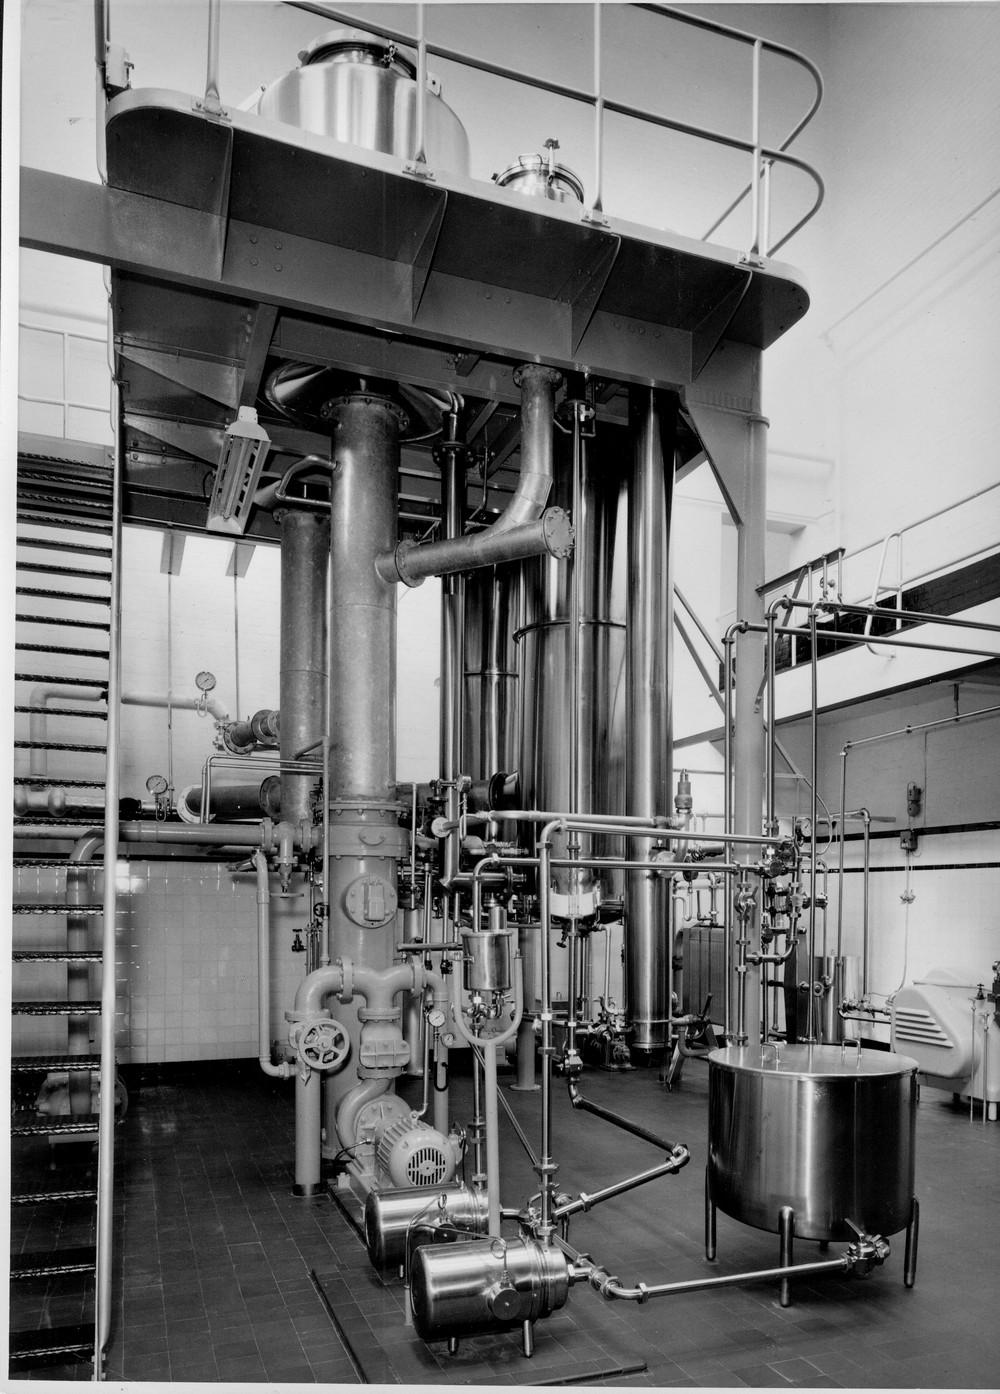 Hemyock milk factory evaporator-1